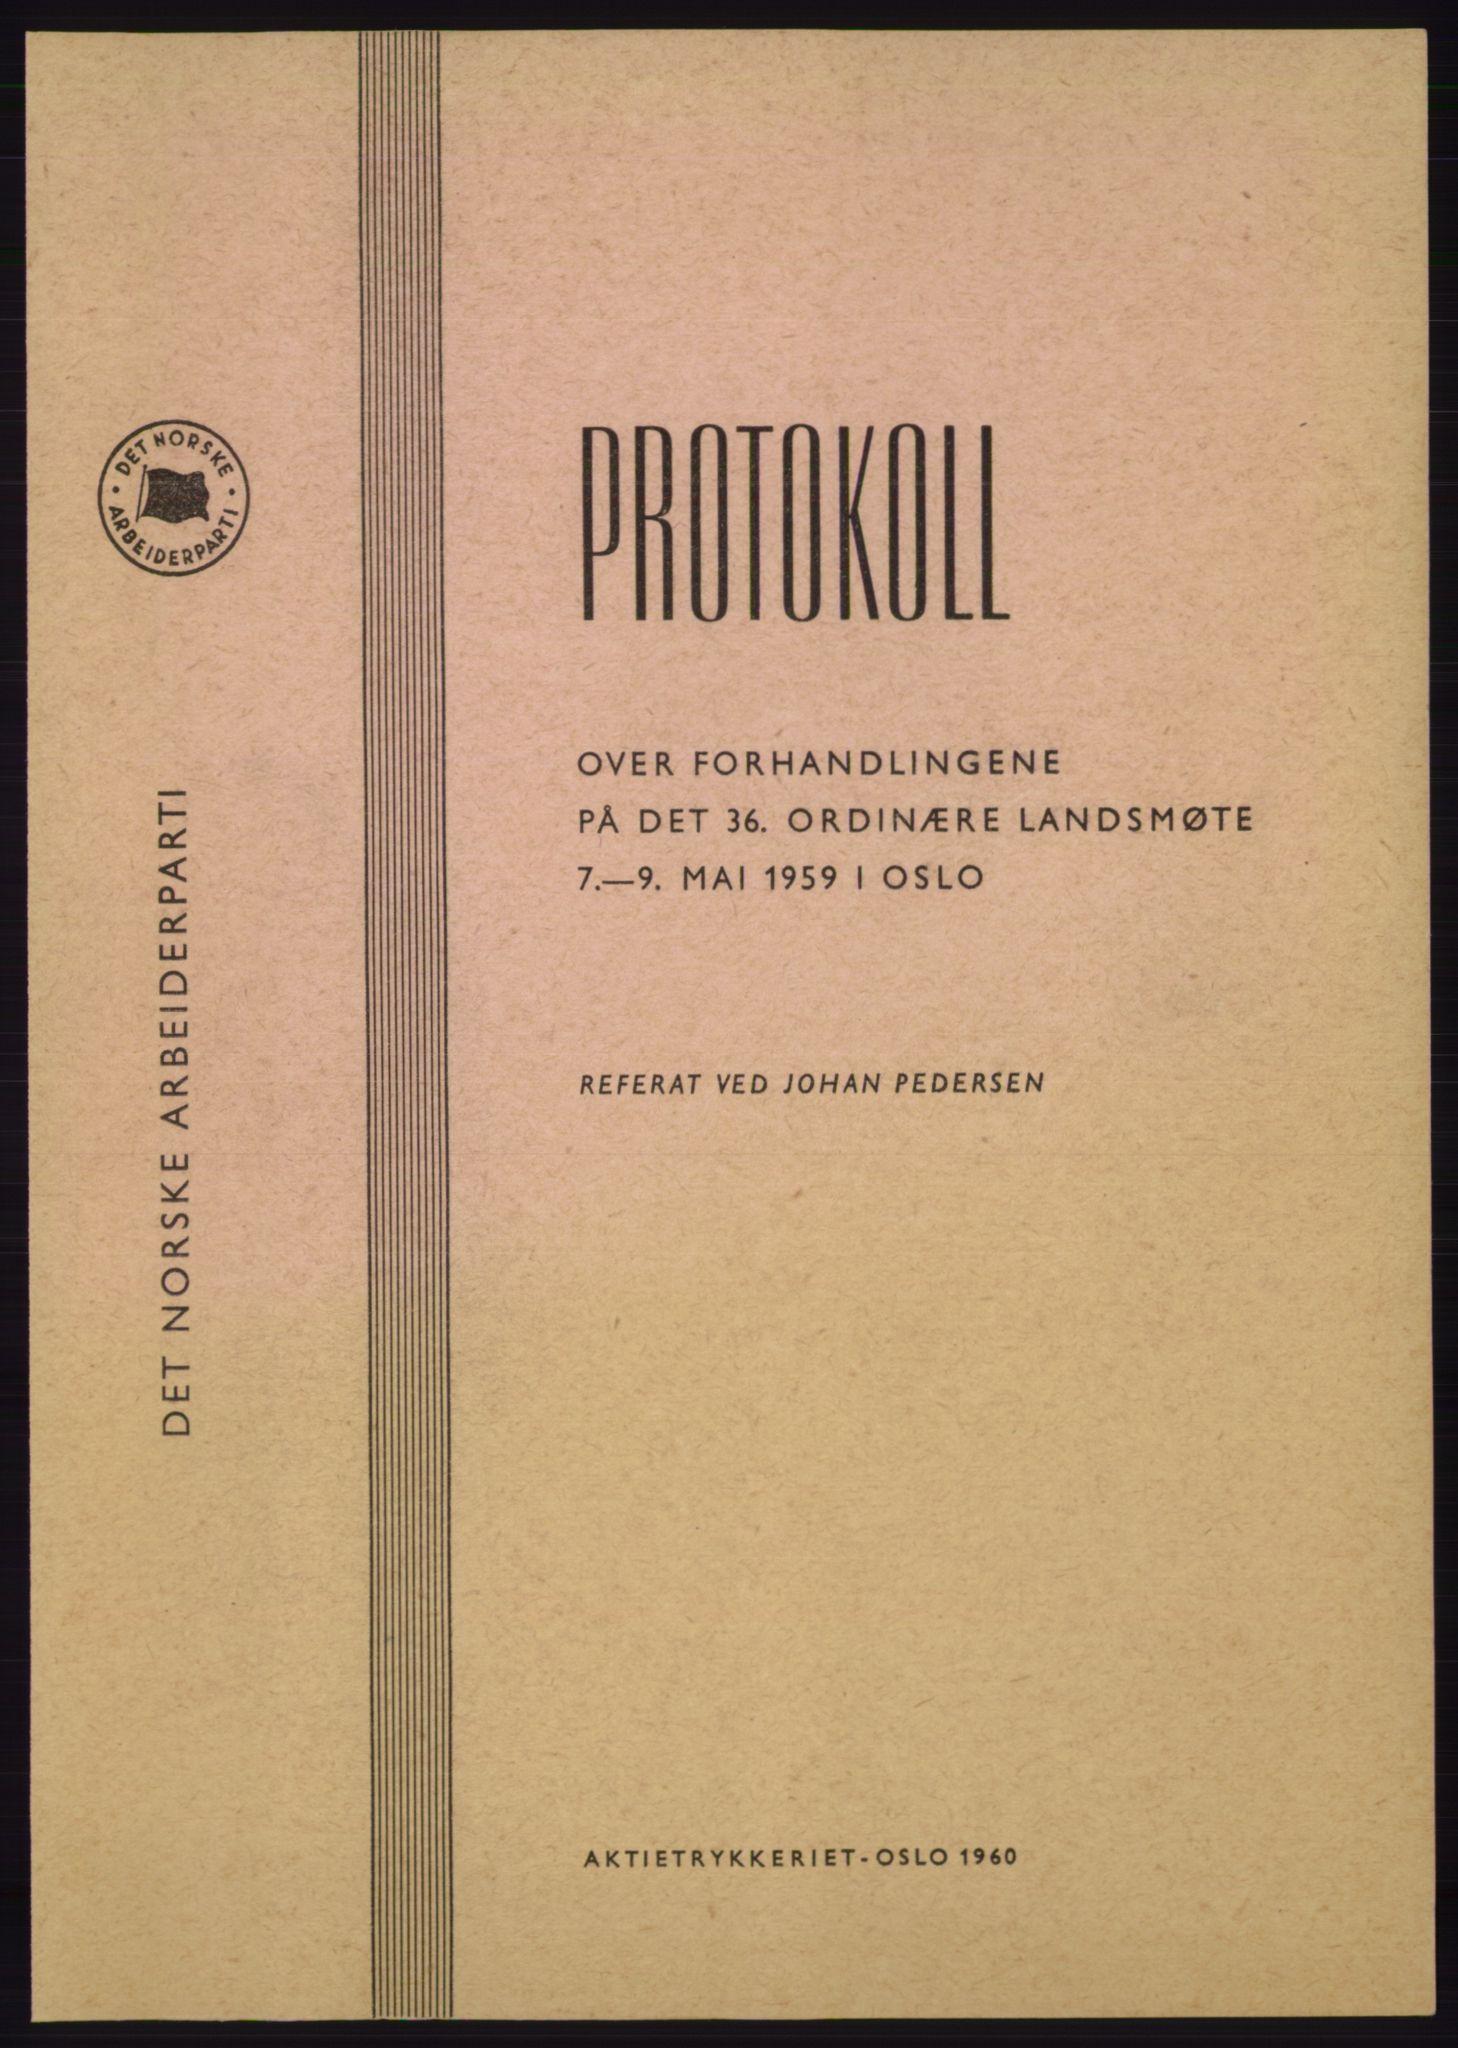 AAB, Det norske Arbeiderparti - publikasjoner, -/-: Protokoll over forhandlingene på det 37. ordinære landsmøte 7.-9. mai 1959 i Oslo, 1959